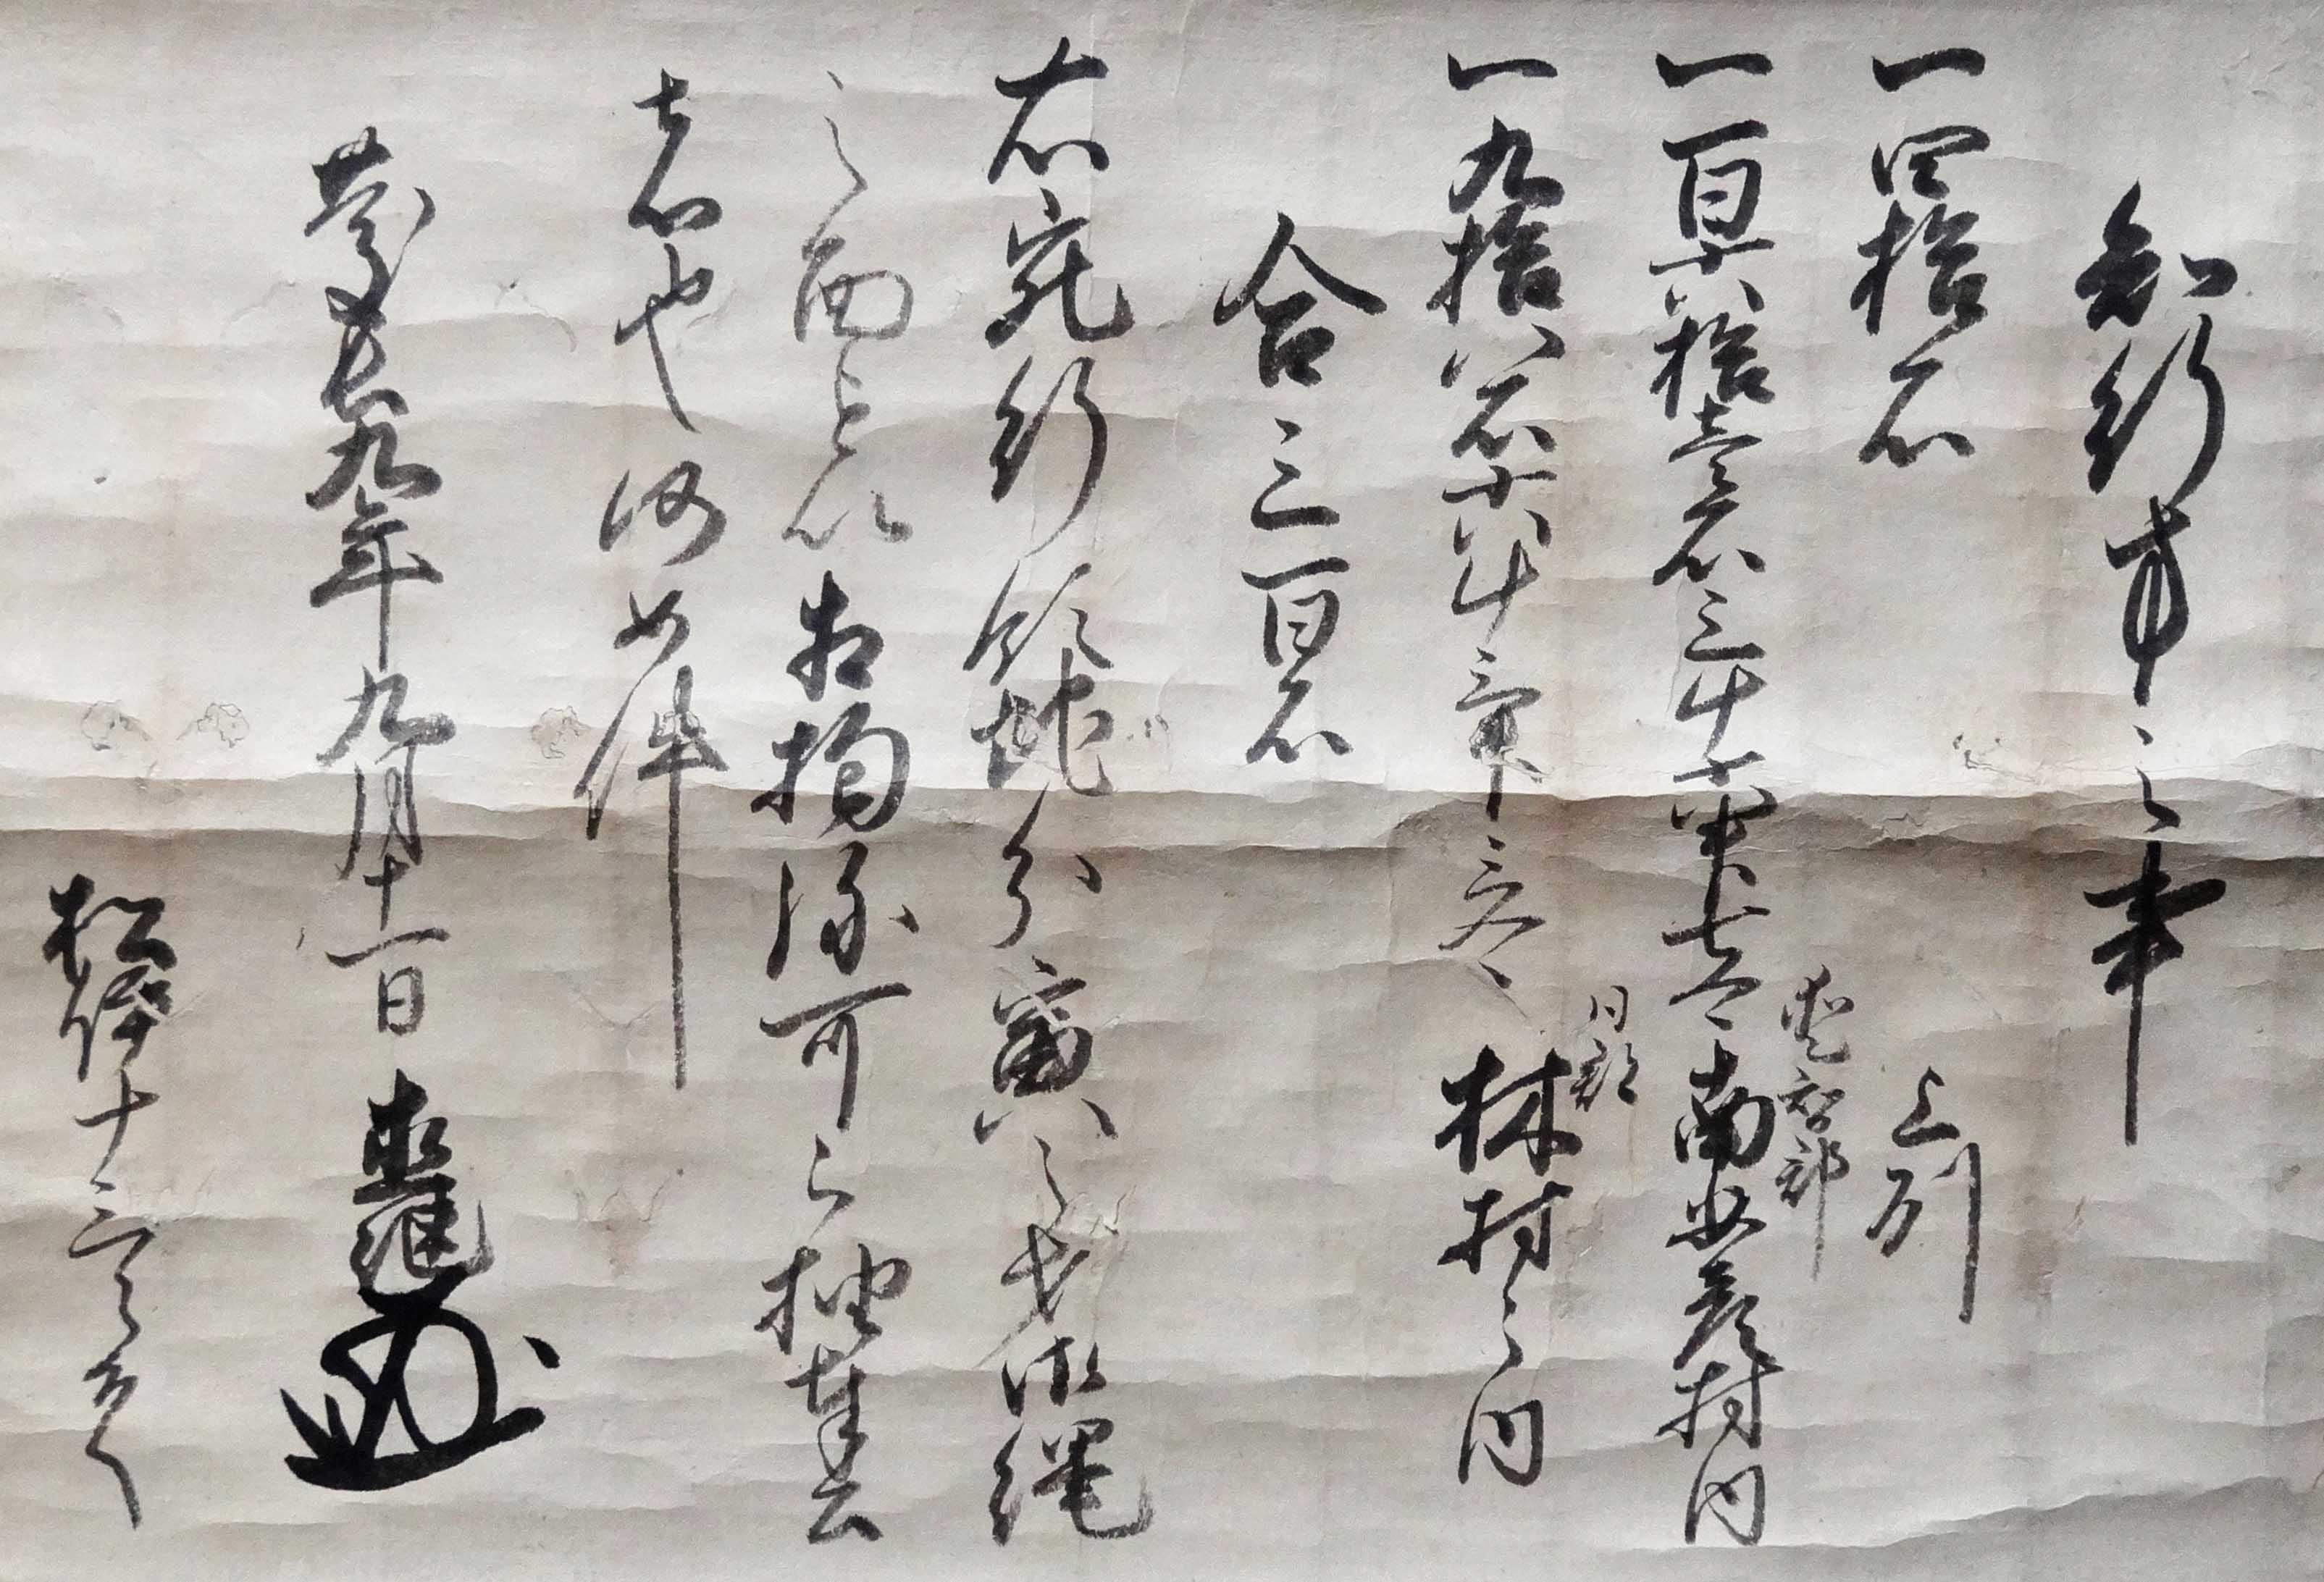 井伊直継知行宛行状(慶長九年九月十一日付)